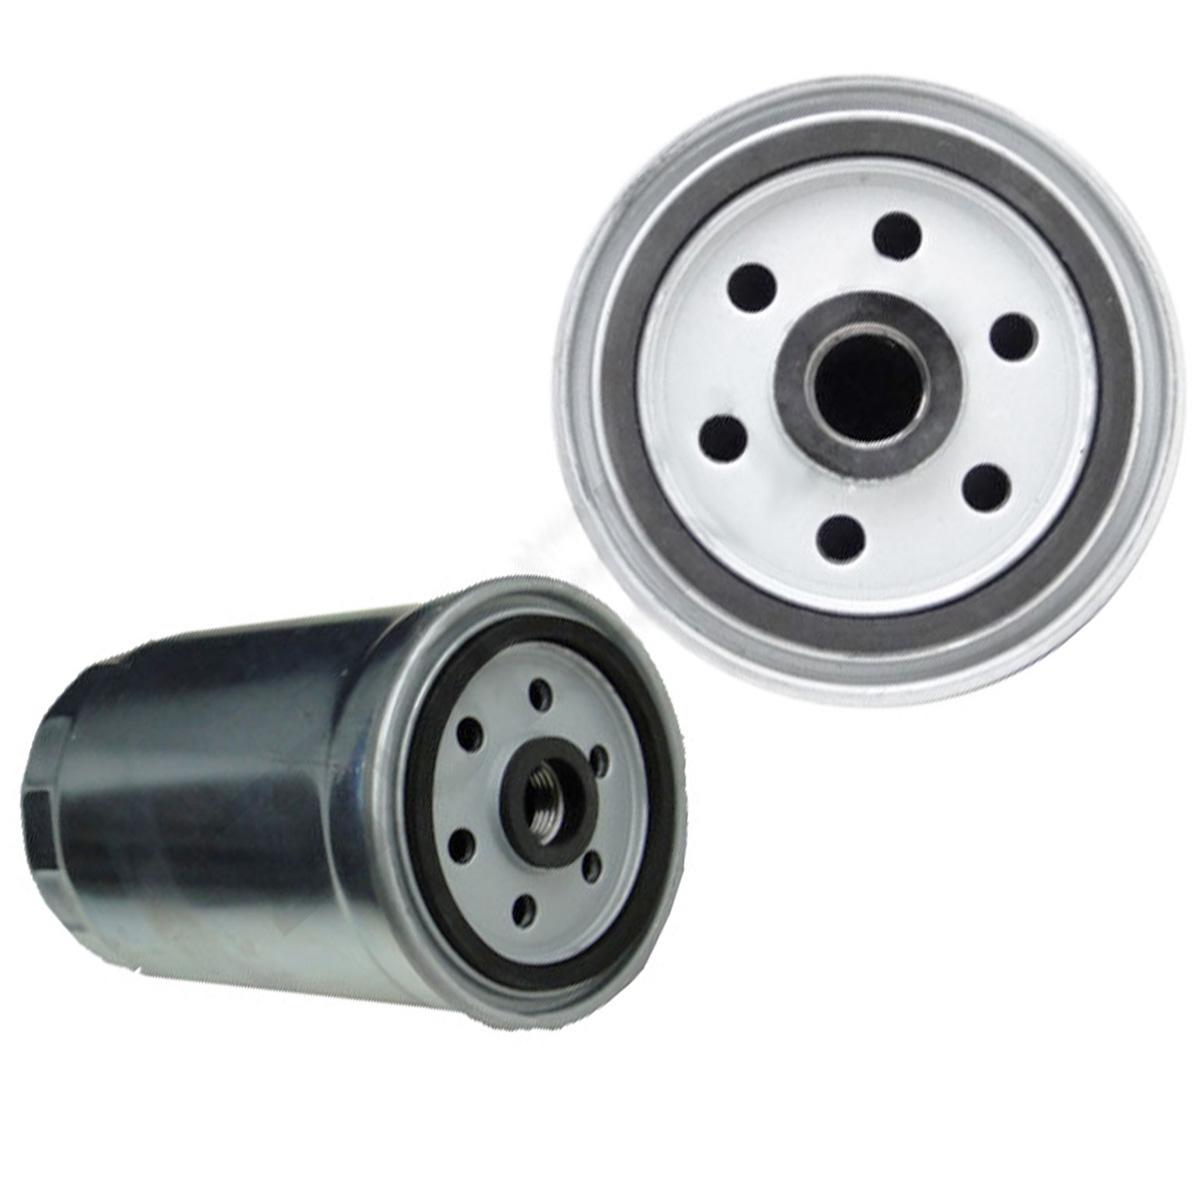 Kraftstofffilter für Audi, Skoda, VW entsp. WK 842/11, FT1667